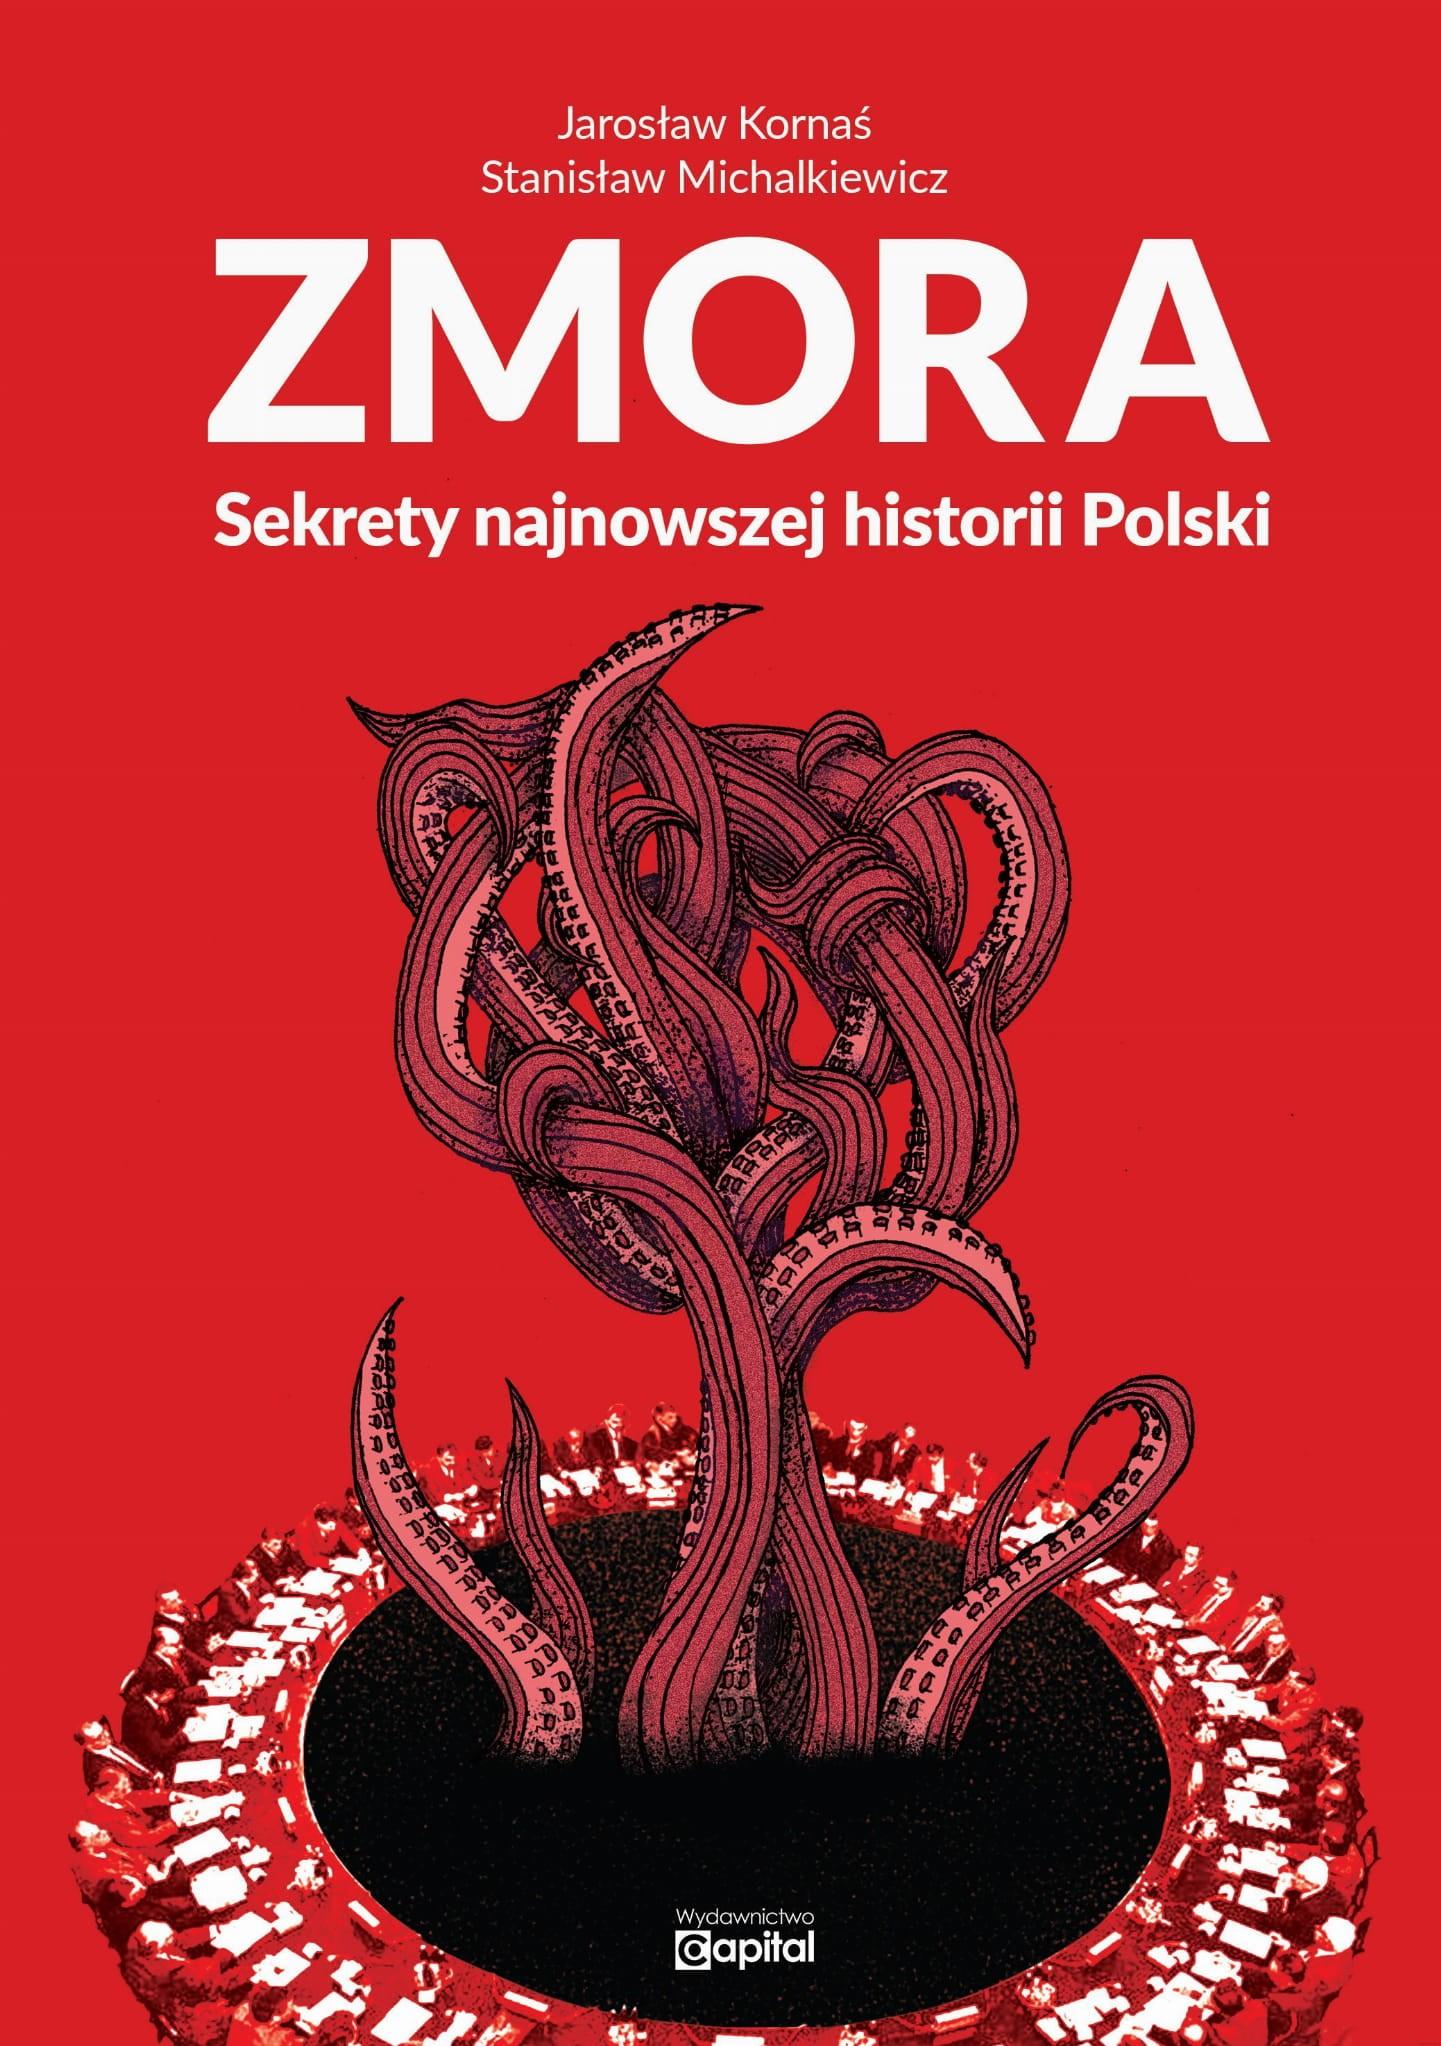 Zmora Sekrety najnowszej historii Polski (J.Kornaś St.Michalkiewicz)